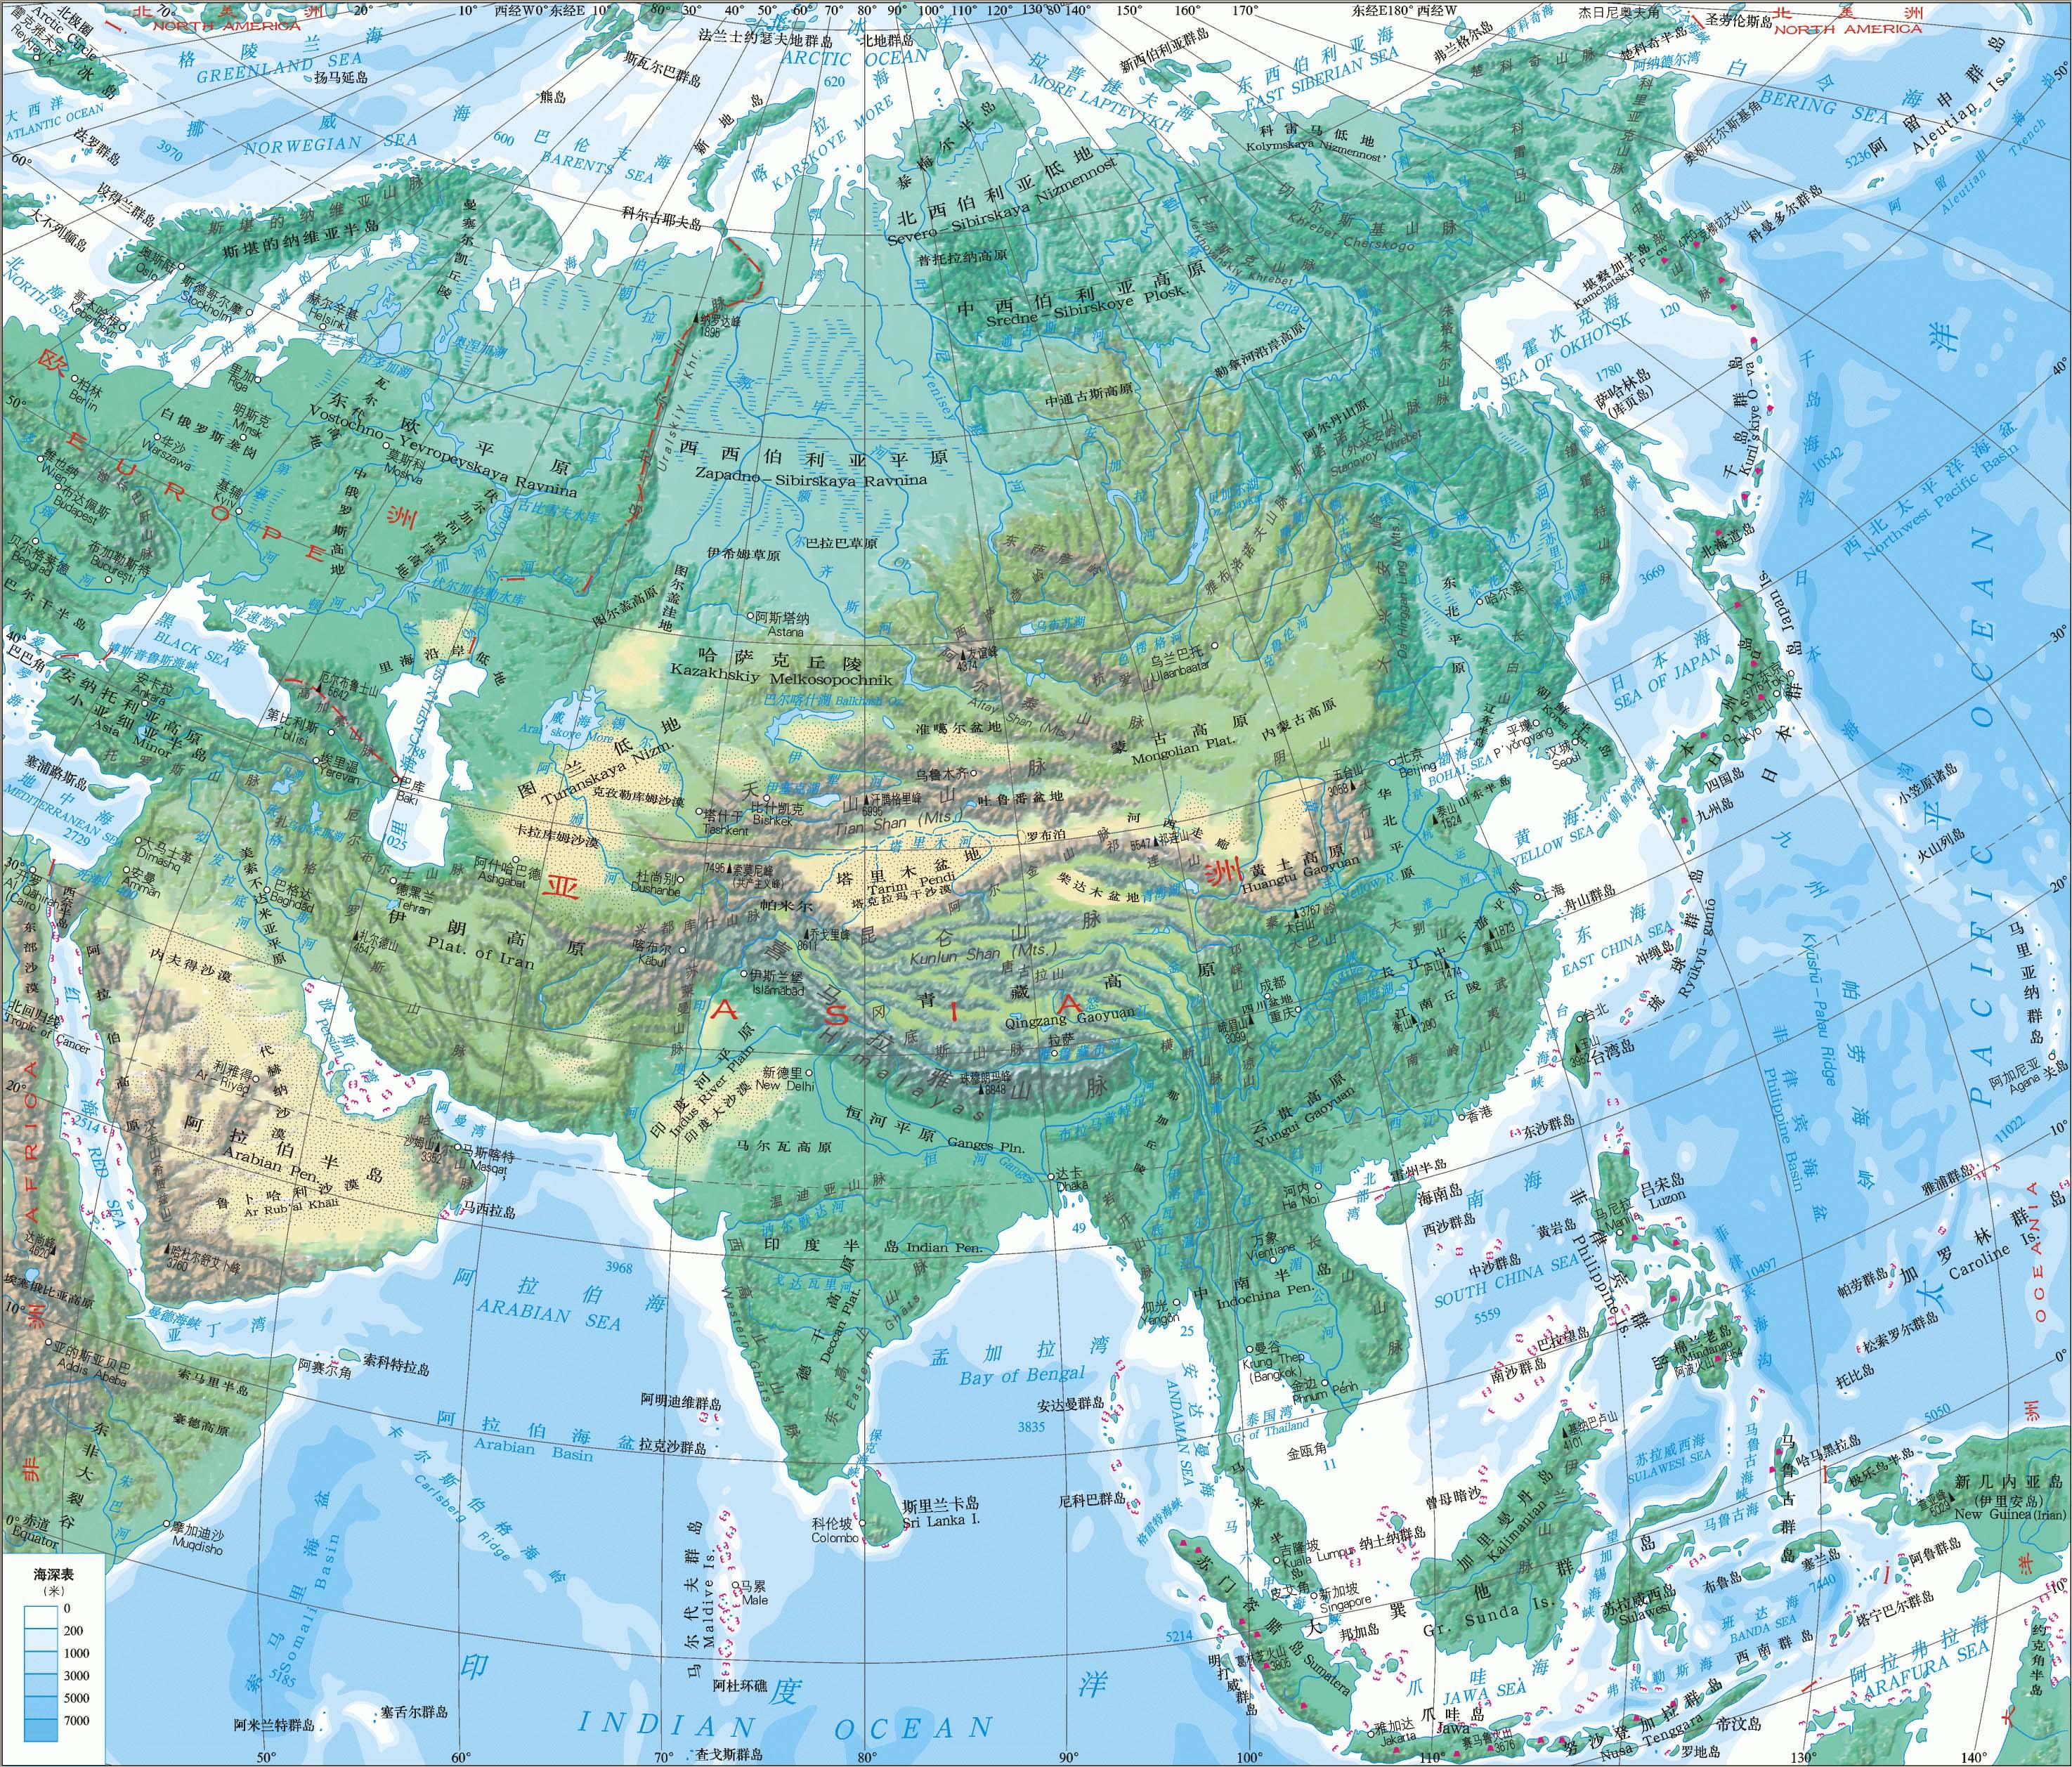 亚洲地形地图_亚洲地形(高清大图)_亚洲地图库_地图窝